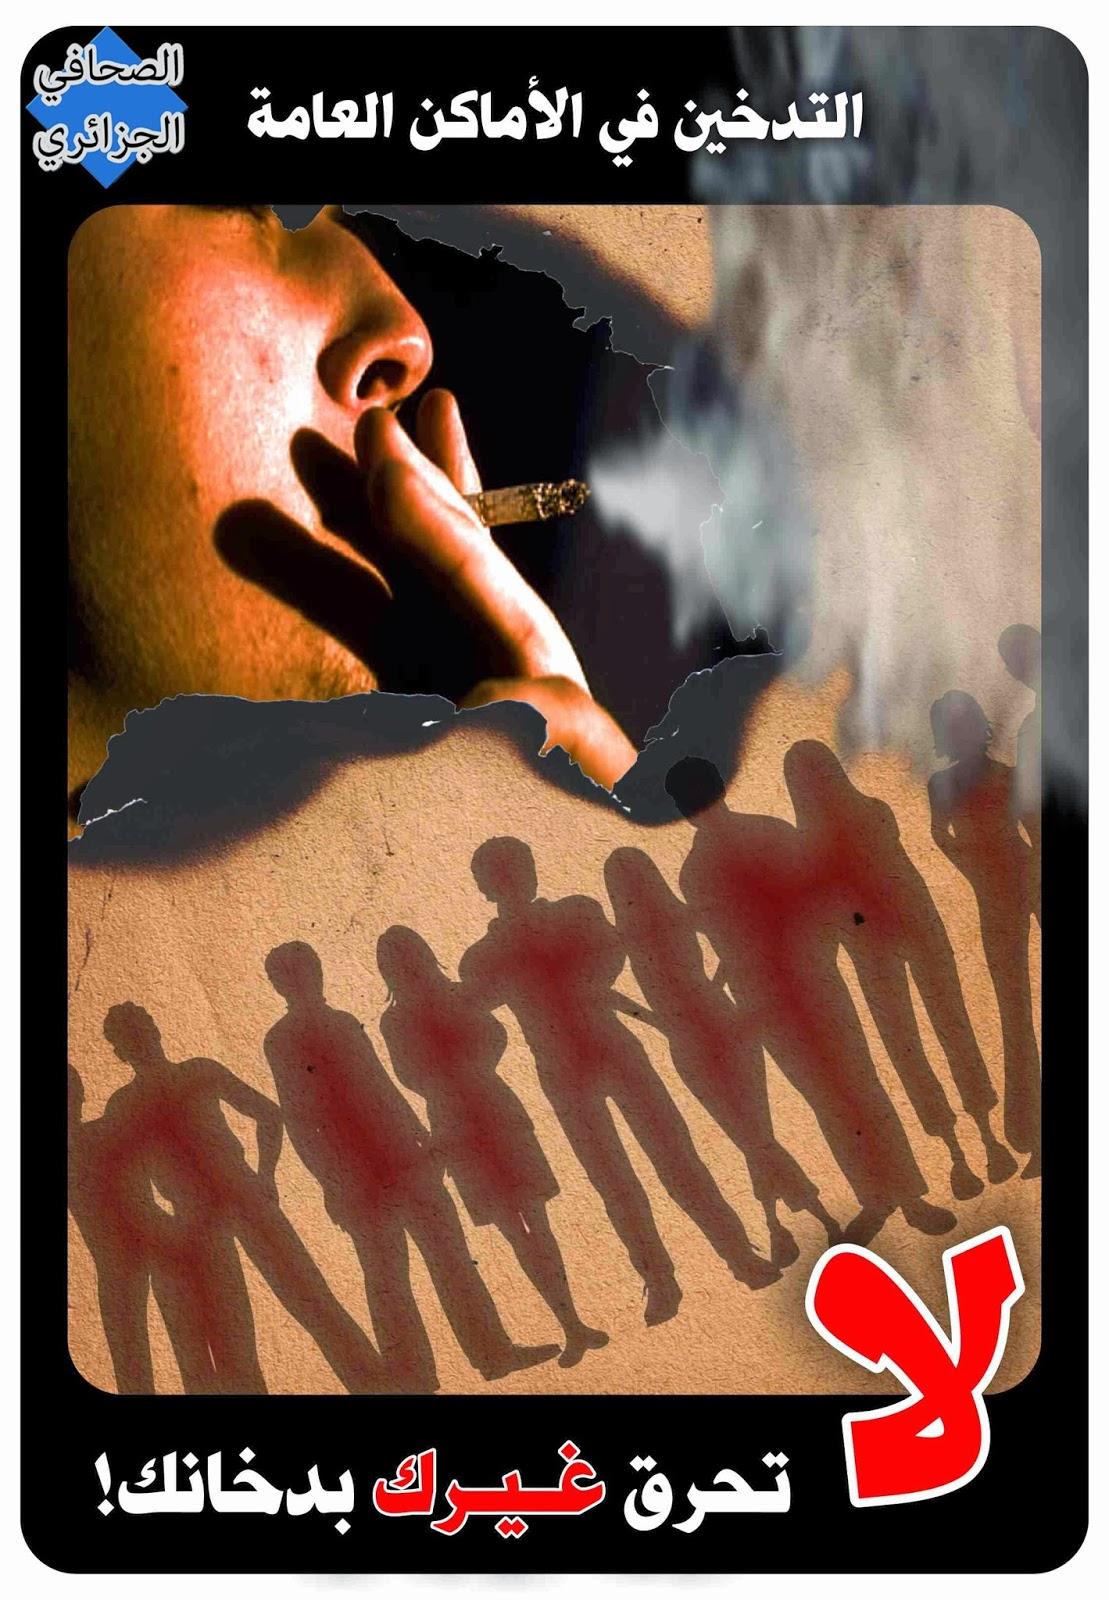 التدخين في الأماكن العامة: لا تحرق غيرك بدخانك!